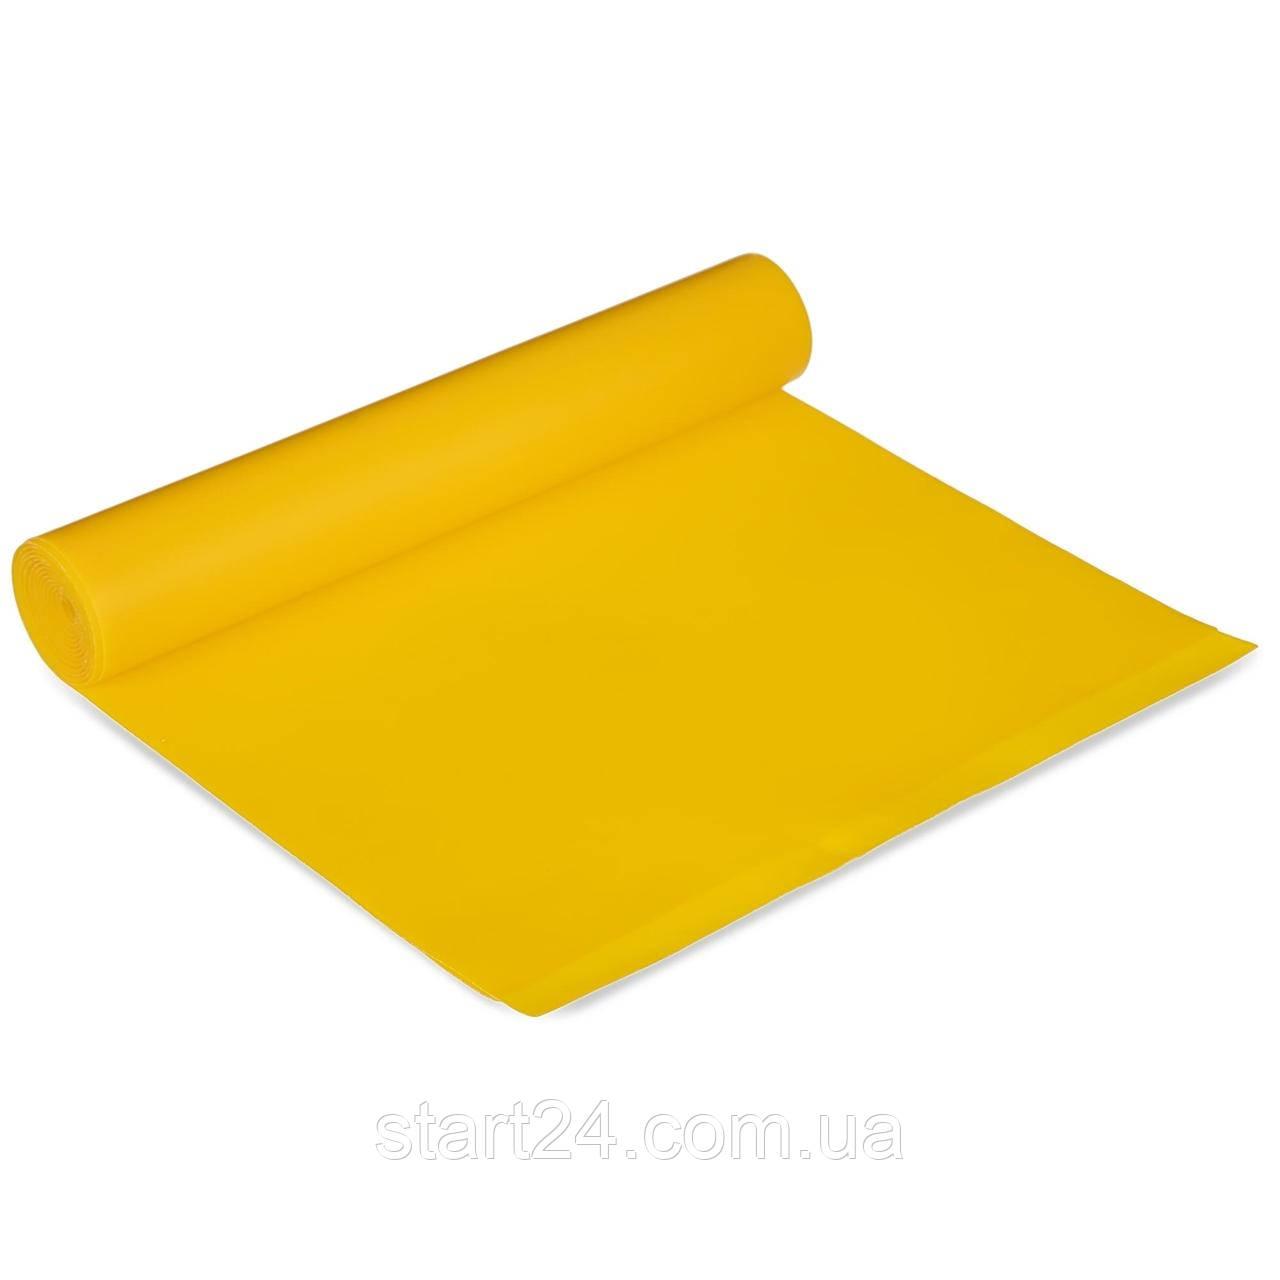 Лента эластичная для фитнеса и йоги CUBE (р-р 1,5мx15смx0,35мм) FRB-001-1_5 (латекс, цвета в ассортименте)